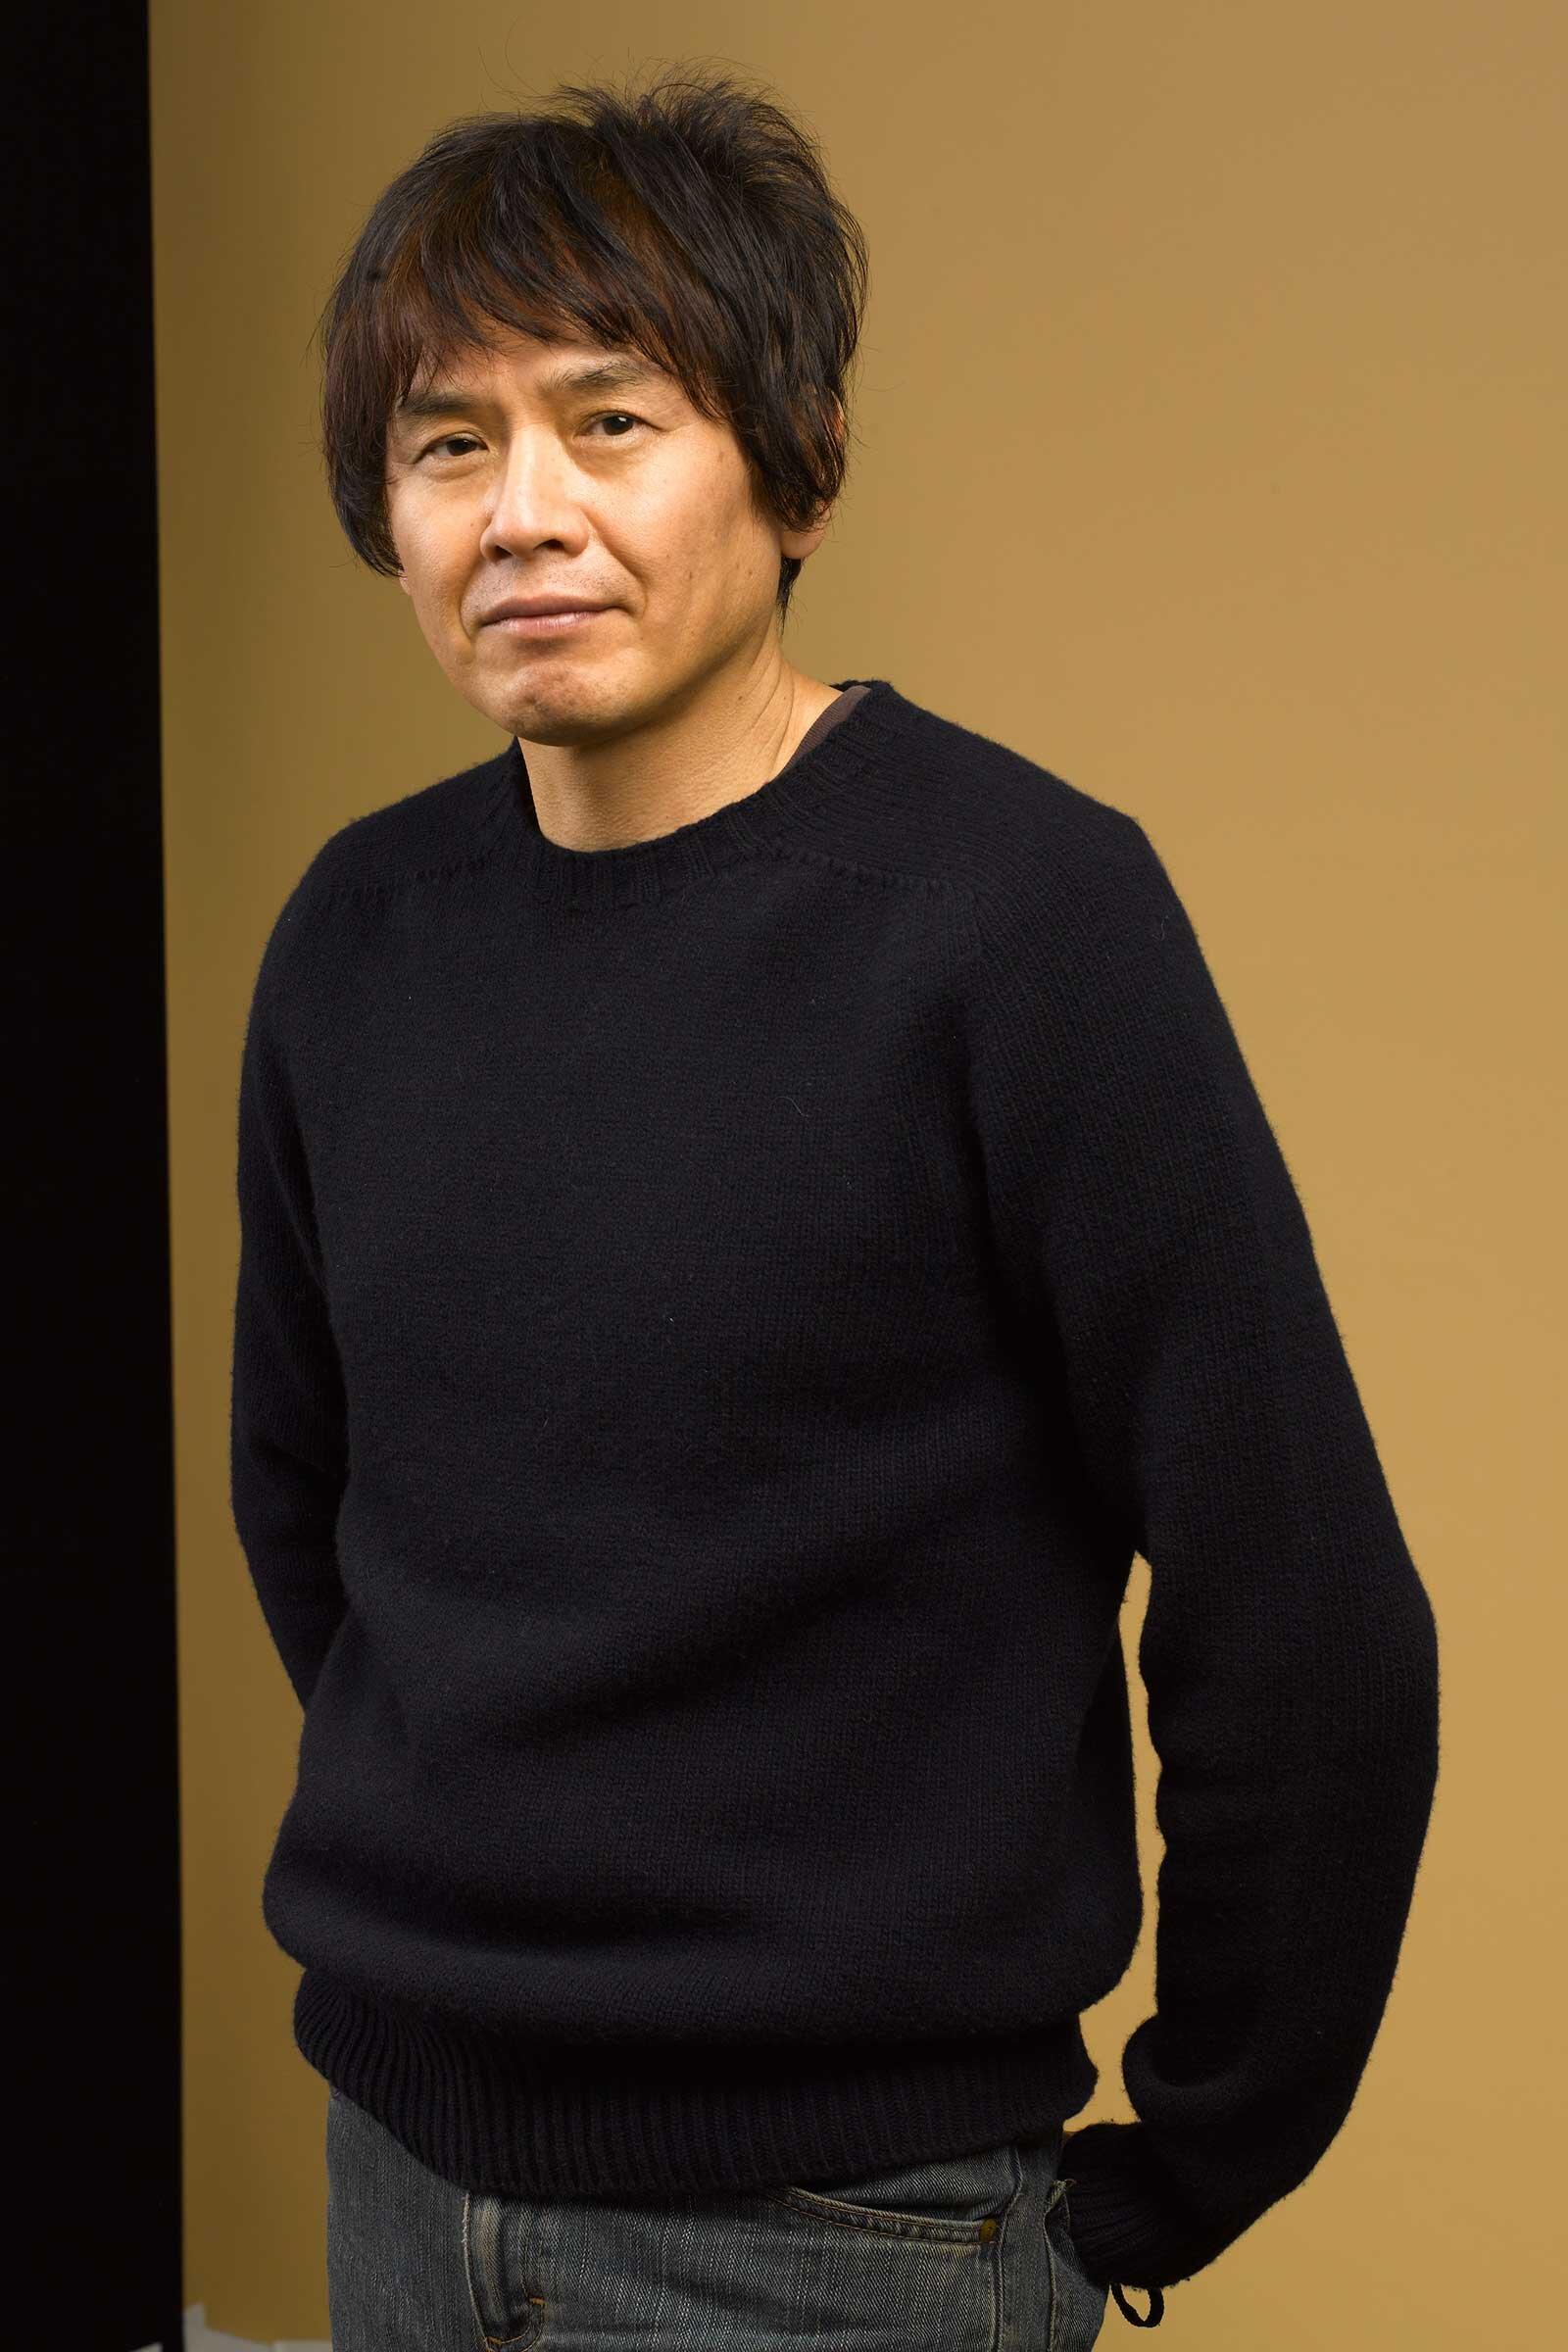 Yoshitomo Nara in 2011 Image by Kerry Ryan McFate